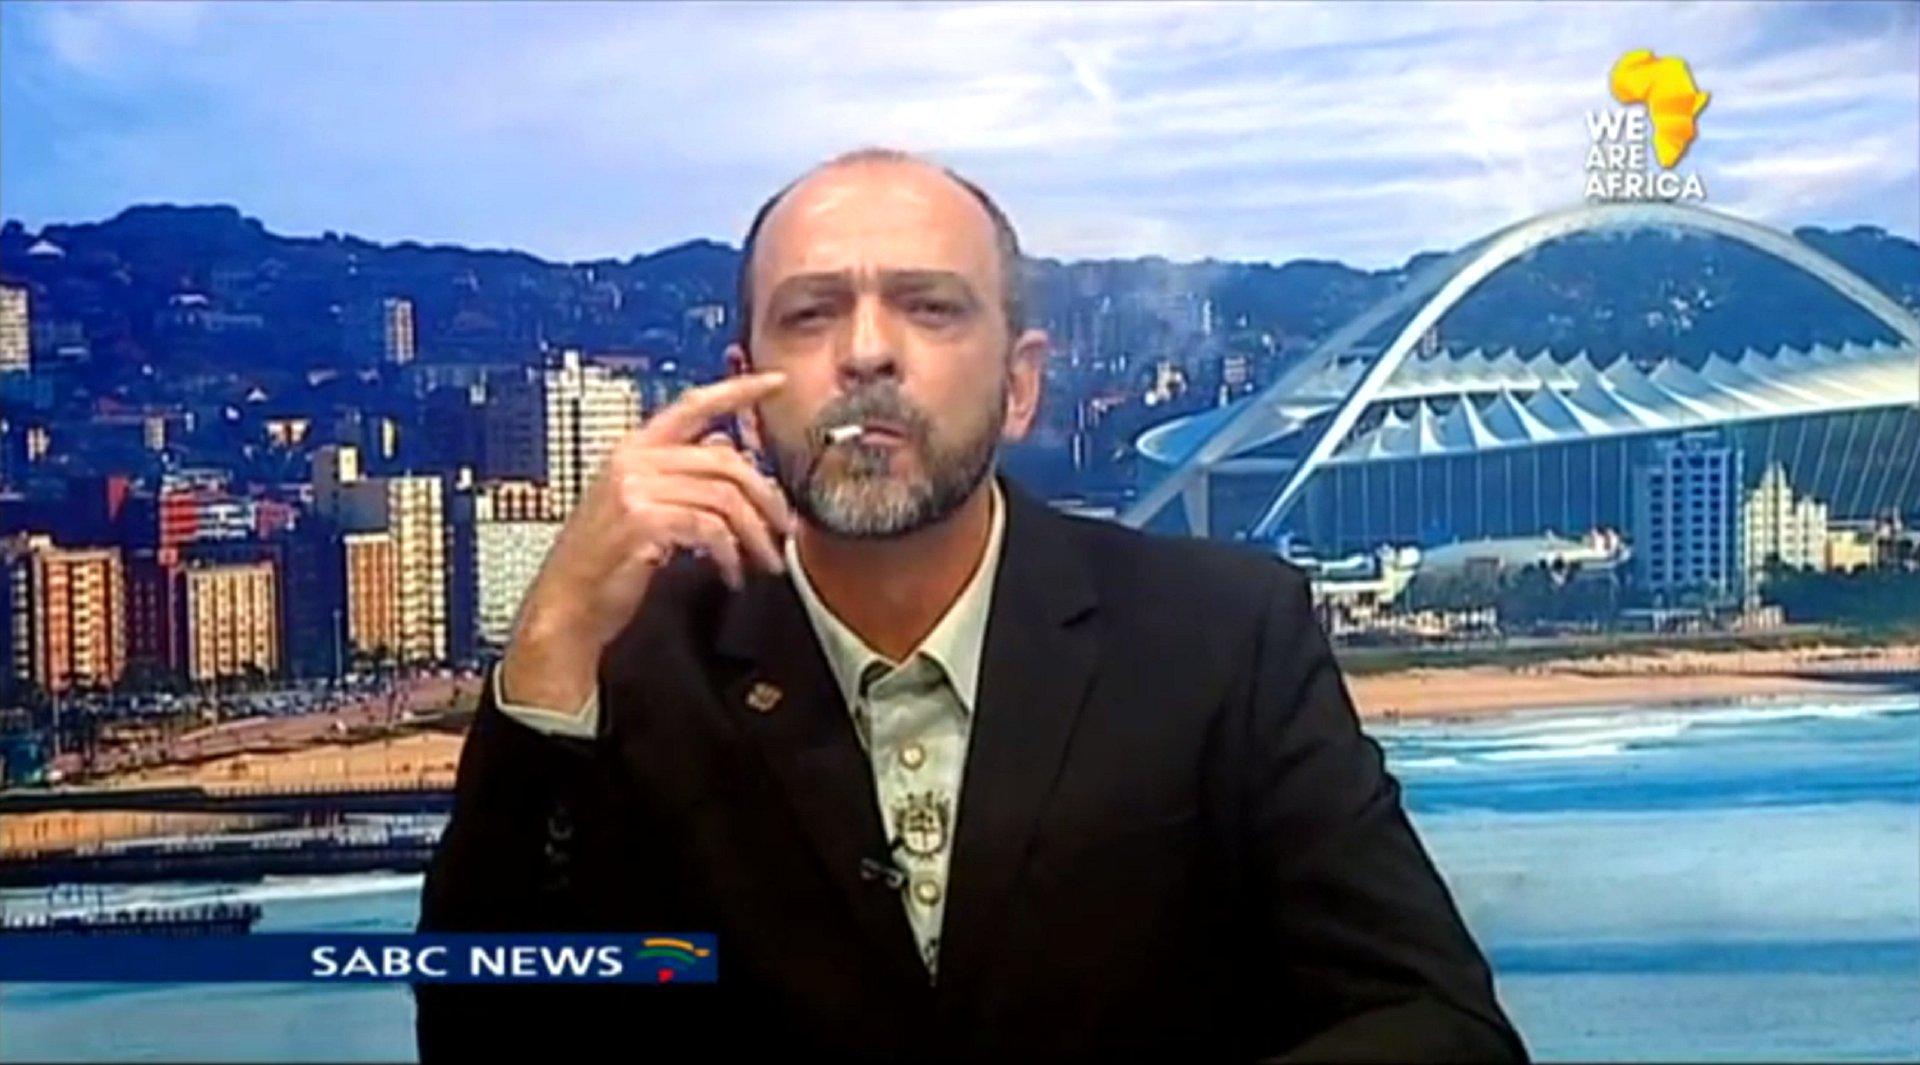 Sehr medienwirksam zündete sich Andre du Plessis, Leiter der südafrikanischen Cannabis Working Group, während eines live Interviews mit dem südafrikanischen Fernsehsenders (SABC Newsroom Show) eine tüte an.